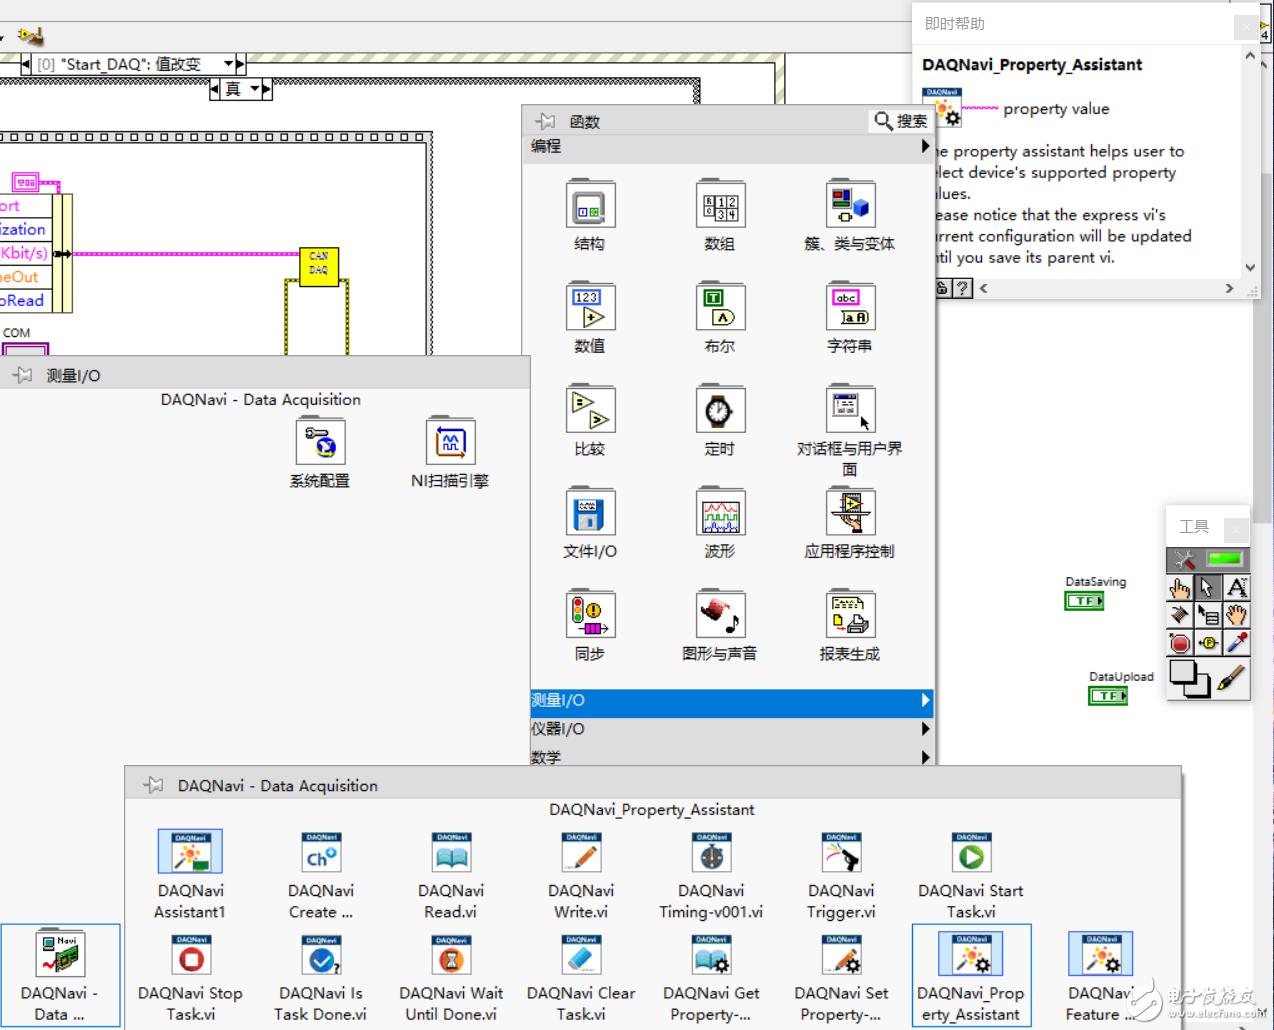 研華DAQNavi Property Assistance控件如何實現在前面板設置參數?